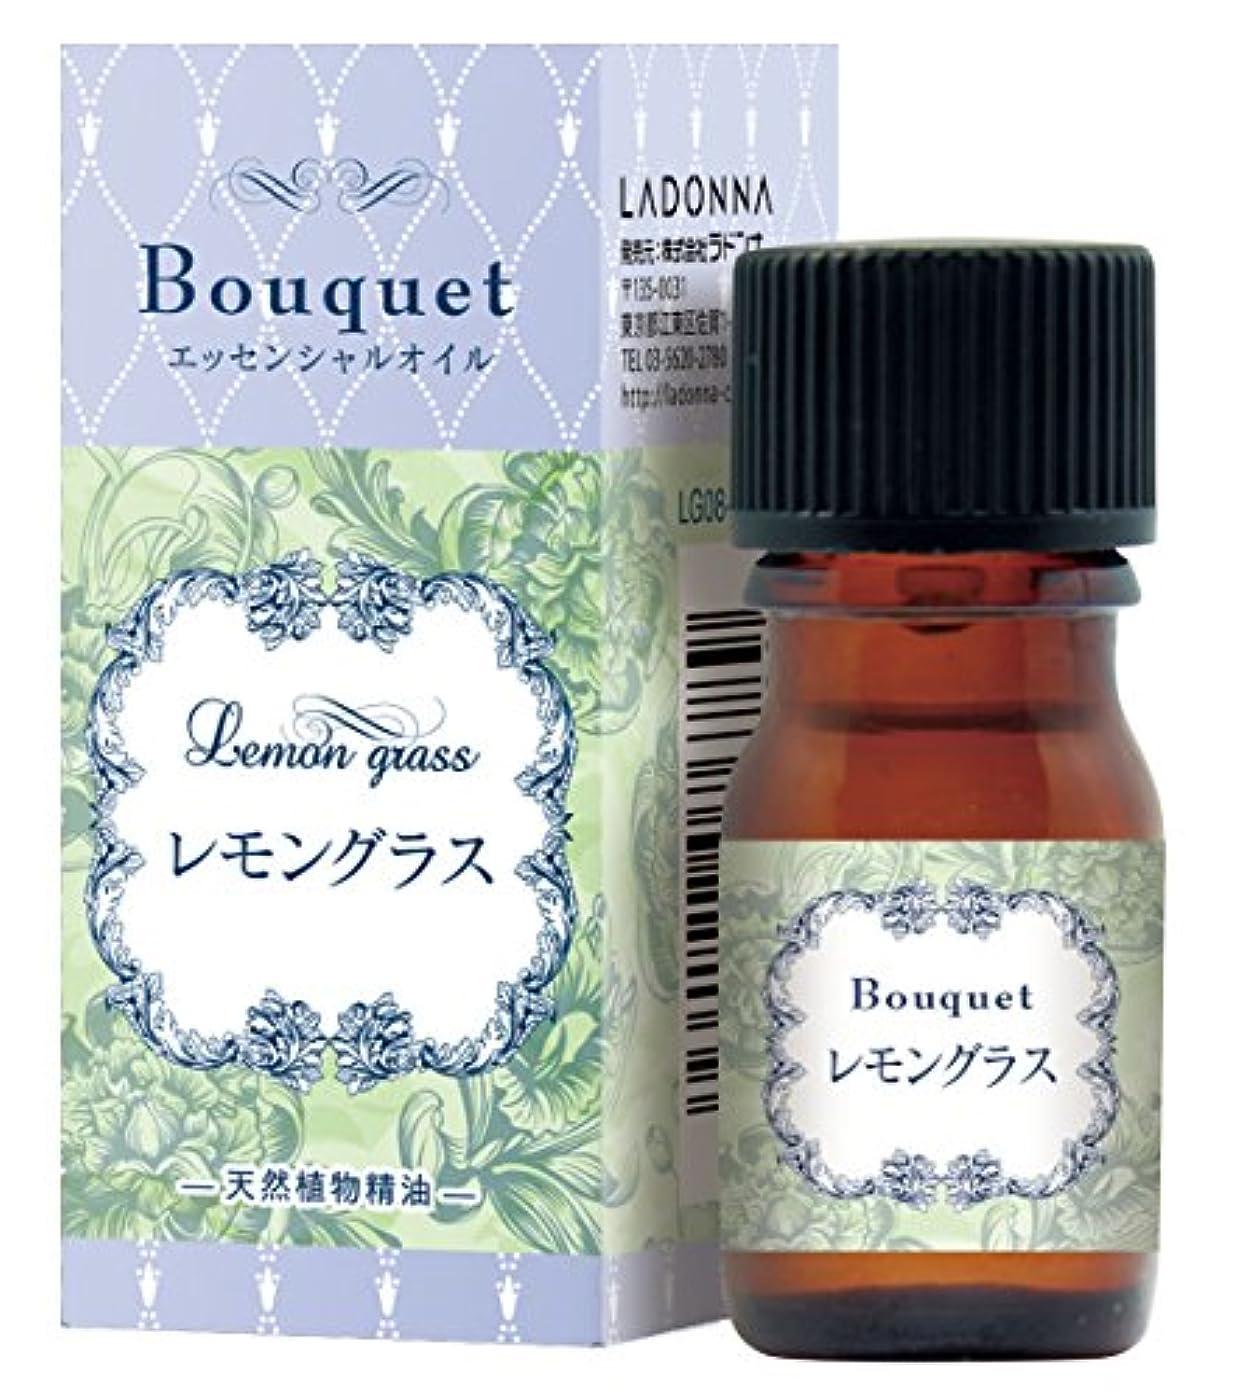 禁止するボンド拒絶ラドンナ エッセンシャルオイル -天然植物精油- Bouquet(ブーケ) LG08-EO レモングラス